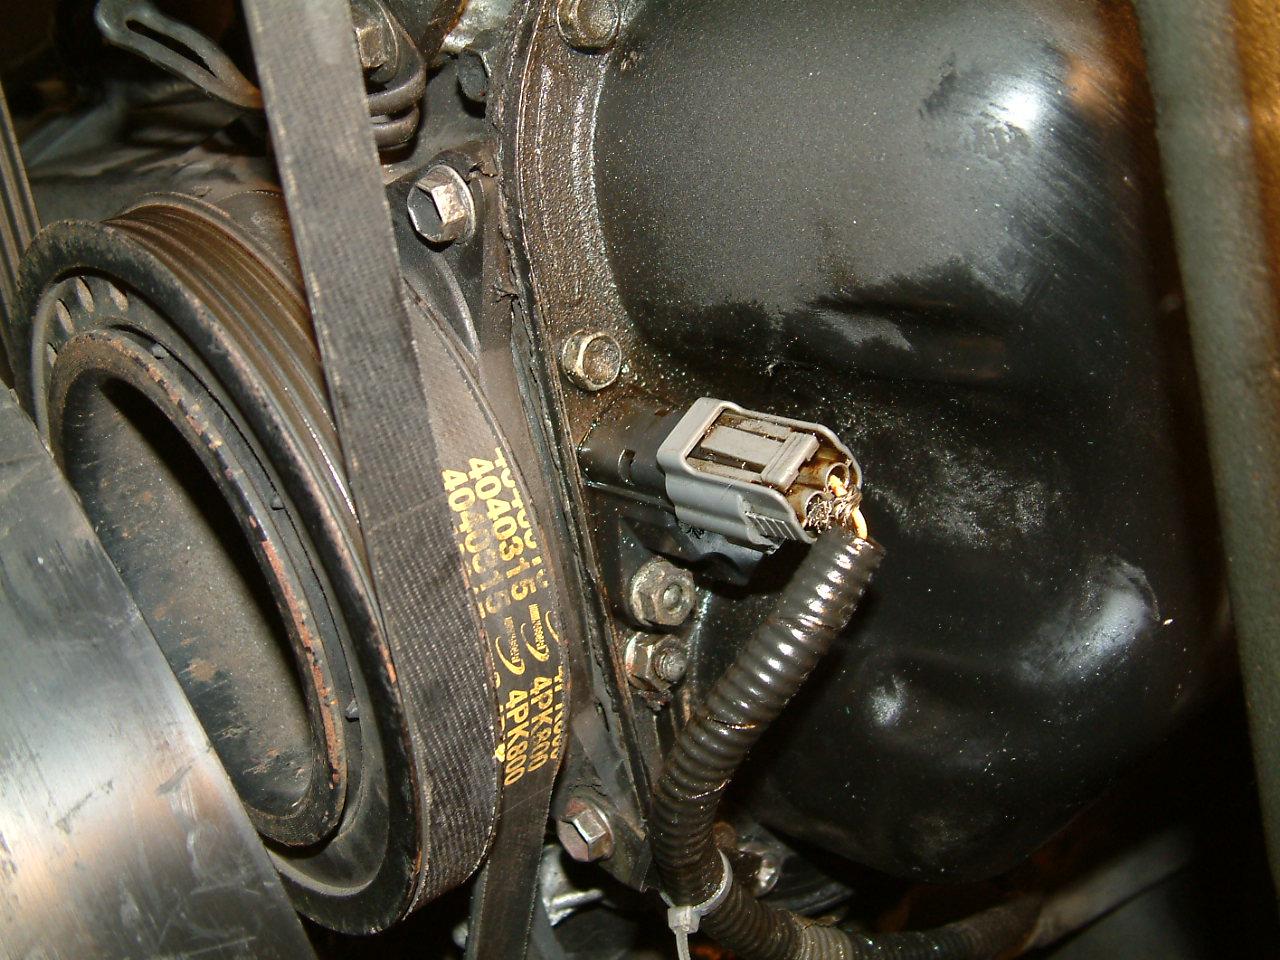 1996 Geo Metro Wiring Harness Suzuki Sidekick Repair Forum 1997 Engine Missfire